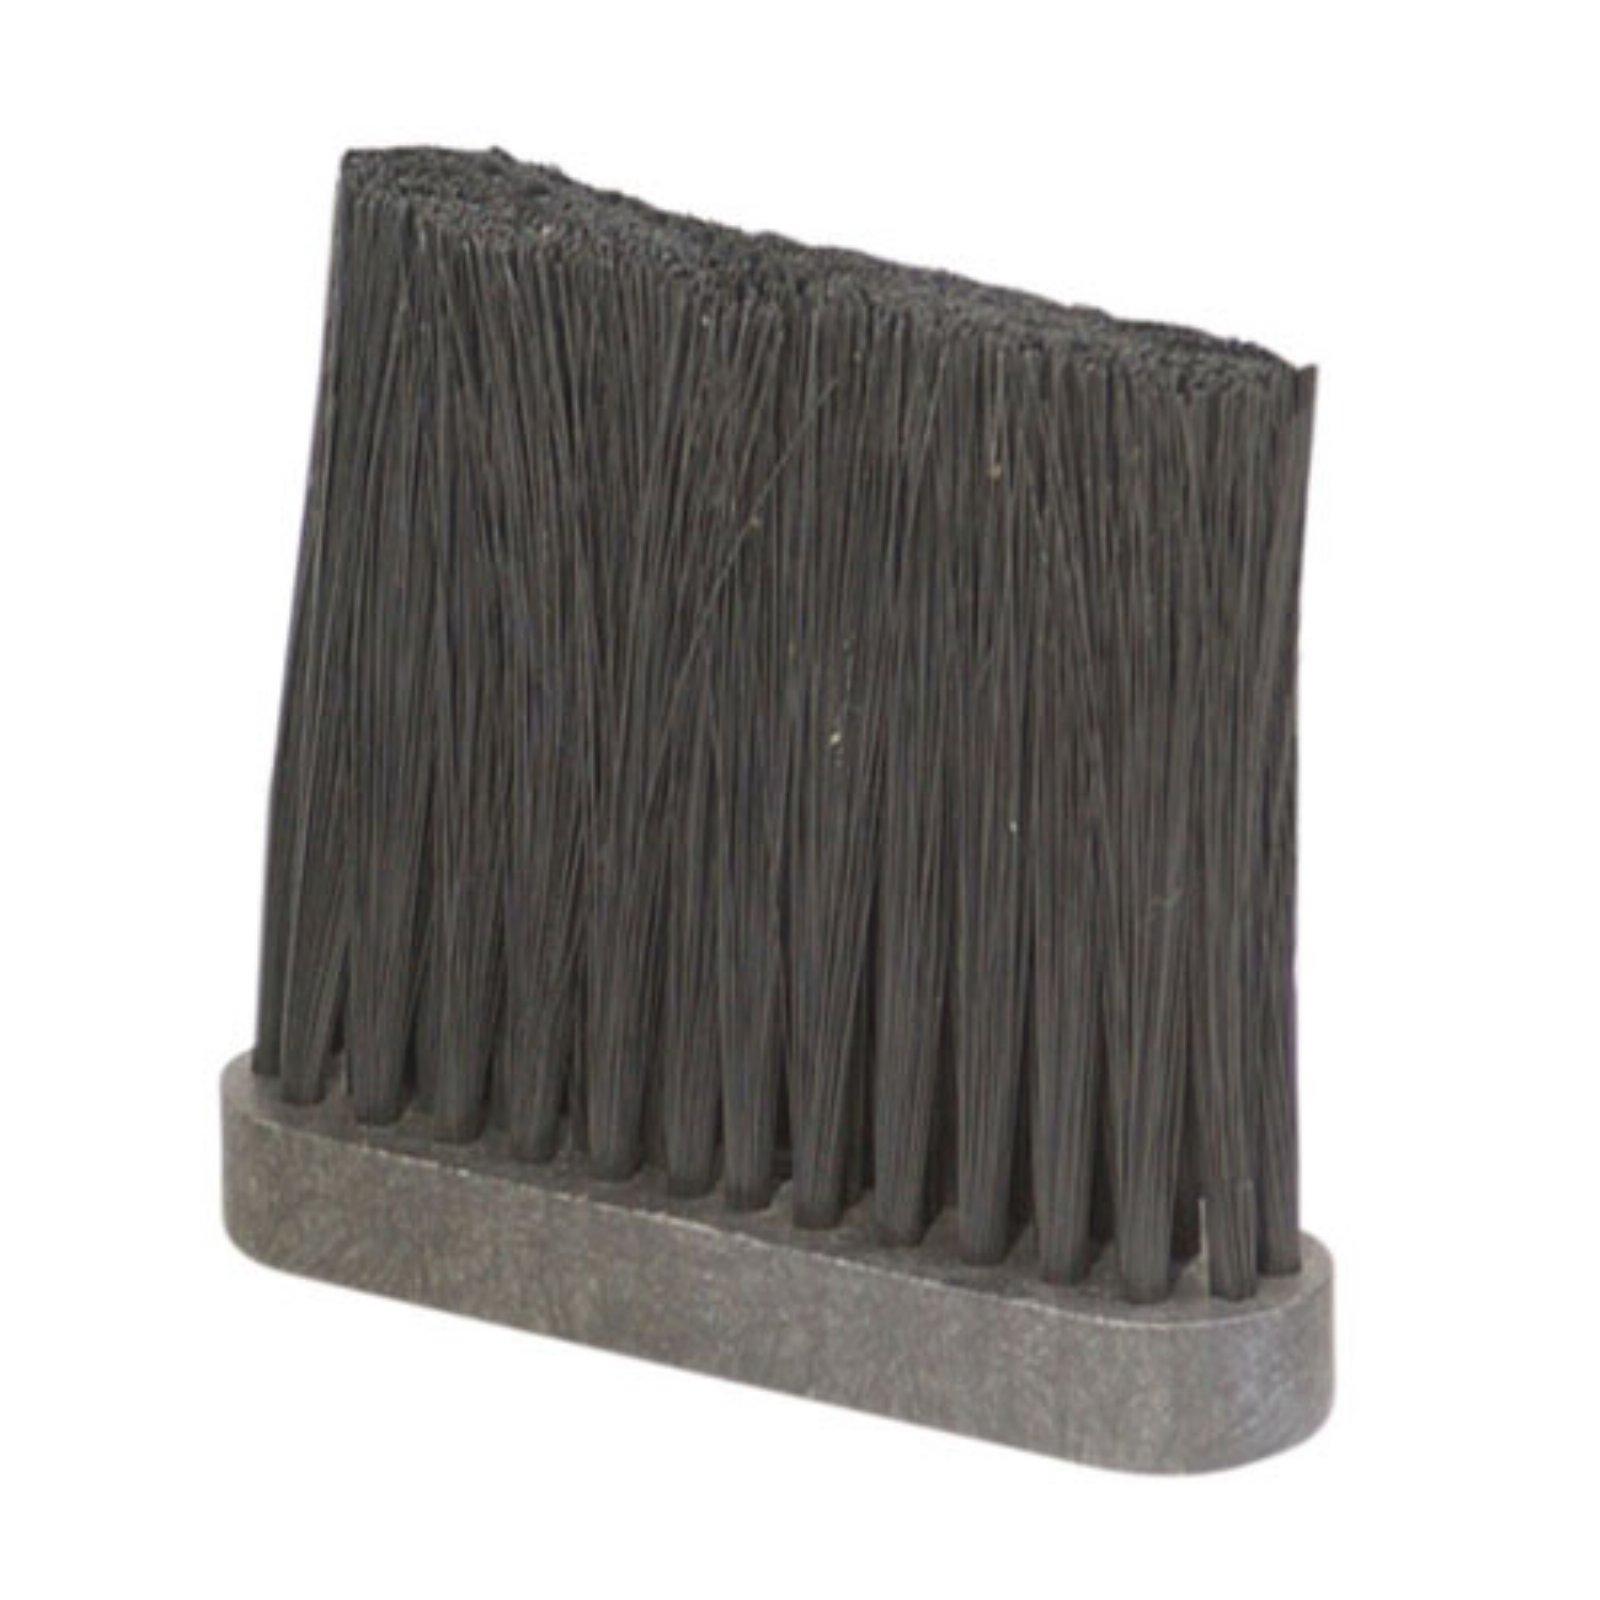 Uniflame Nylon Brush Head